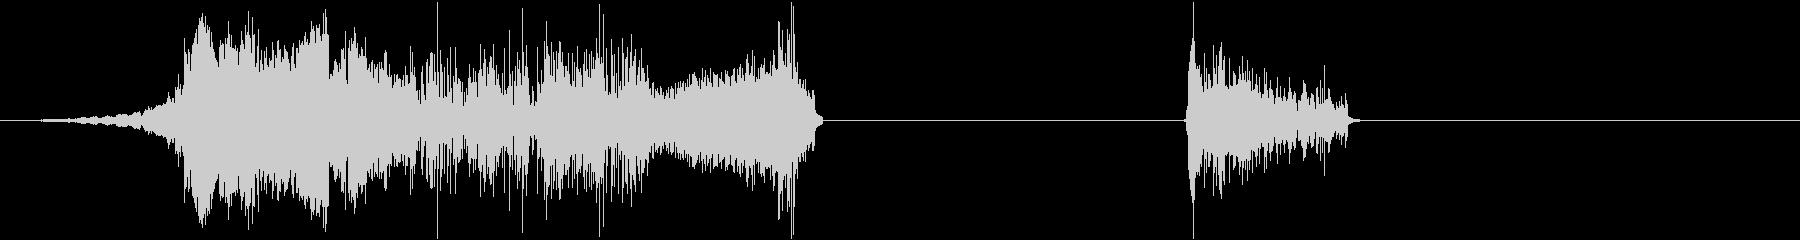 鳴き声-2つの効果;甲高い鳴き声。の未再生の波形